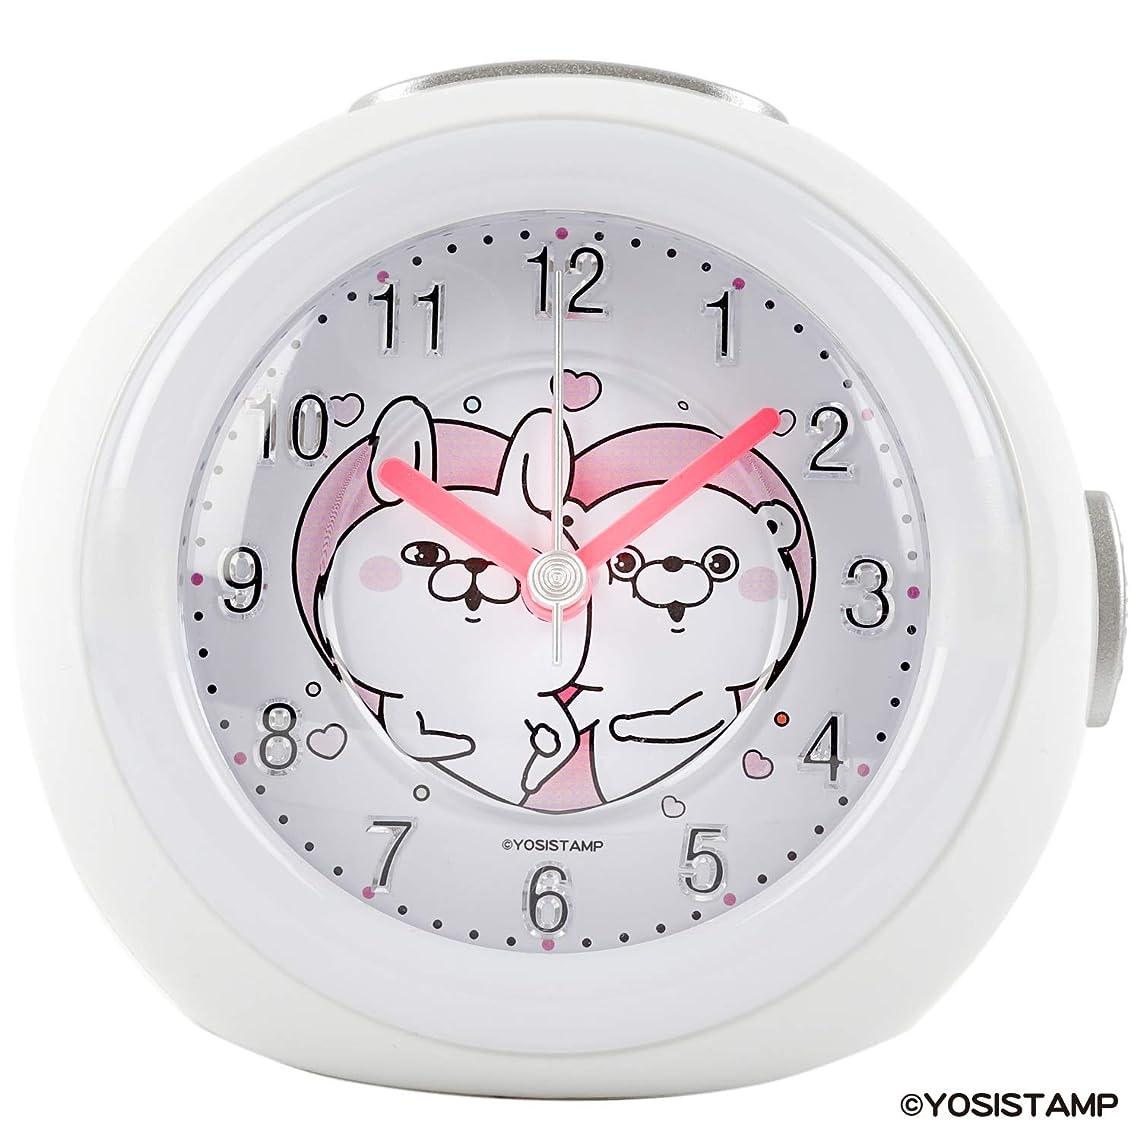 不倫豊かにする放散するヨッシースタンプ 目覚まし時計 うさぎさん & くまさん アナログ メロディ アラーム ホワイト YO-01